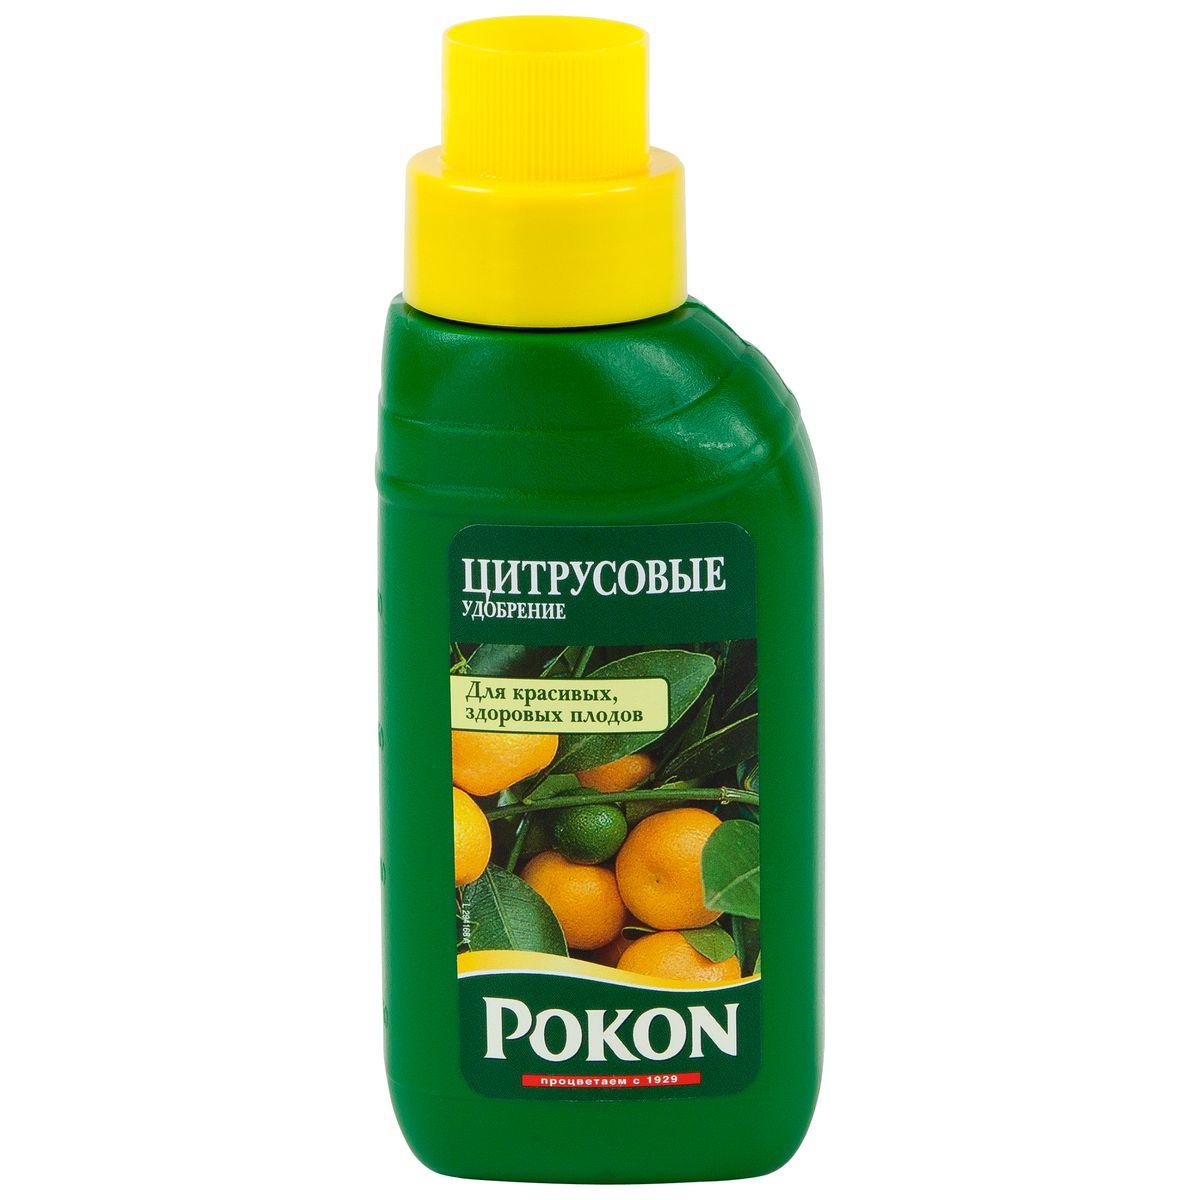 Удобрение Pokon для цитрусовых растений, 250 мл